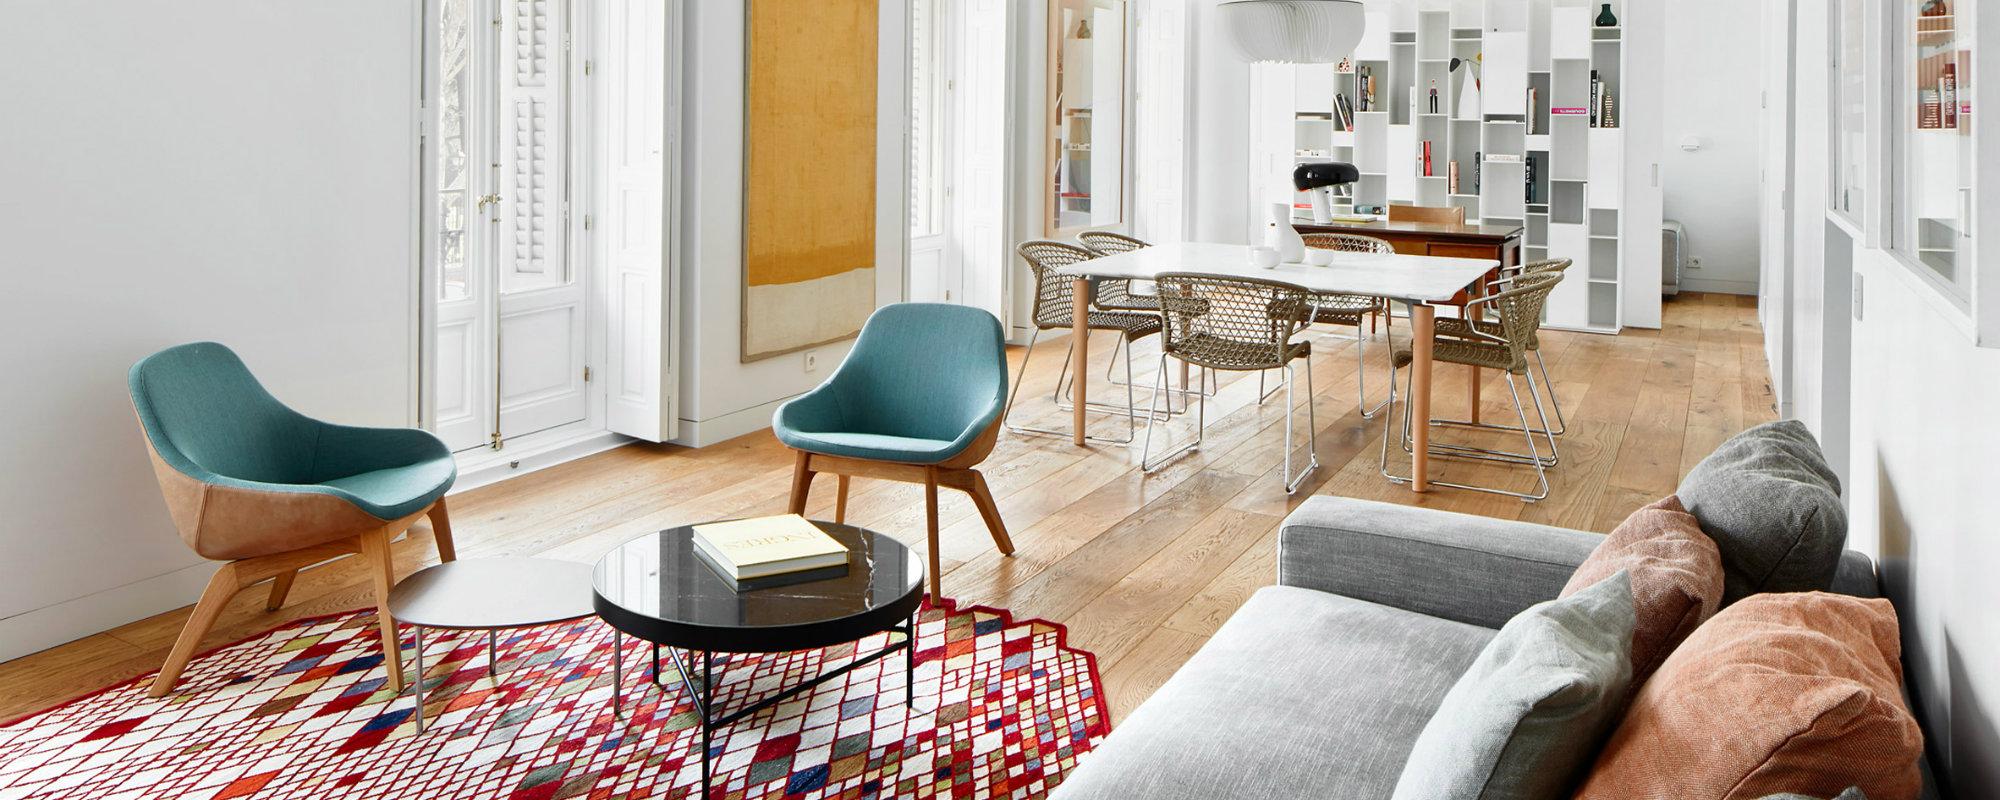 Tendencias para decorar: Apartamento de Lujo en Madrid Tendencias para decorar Tendencias para decorar: Apartamento de Lujo en Madrid Feature 7